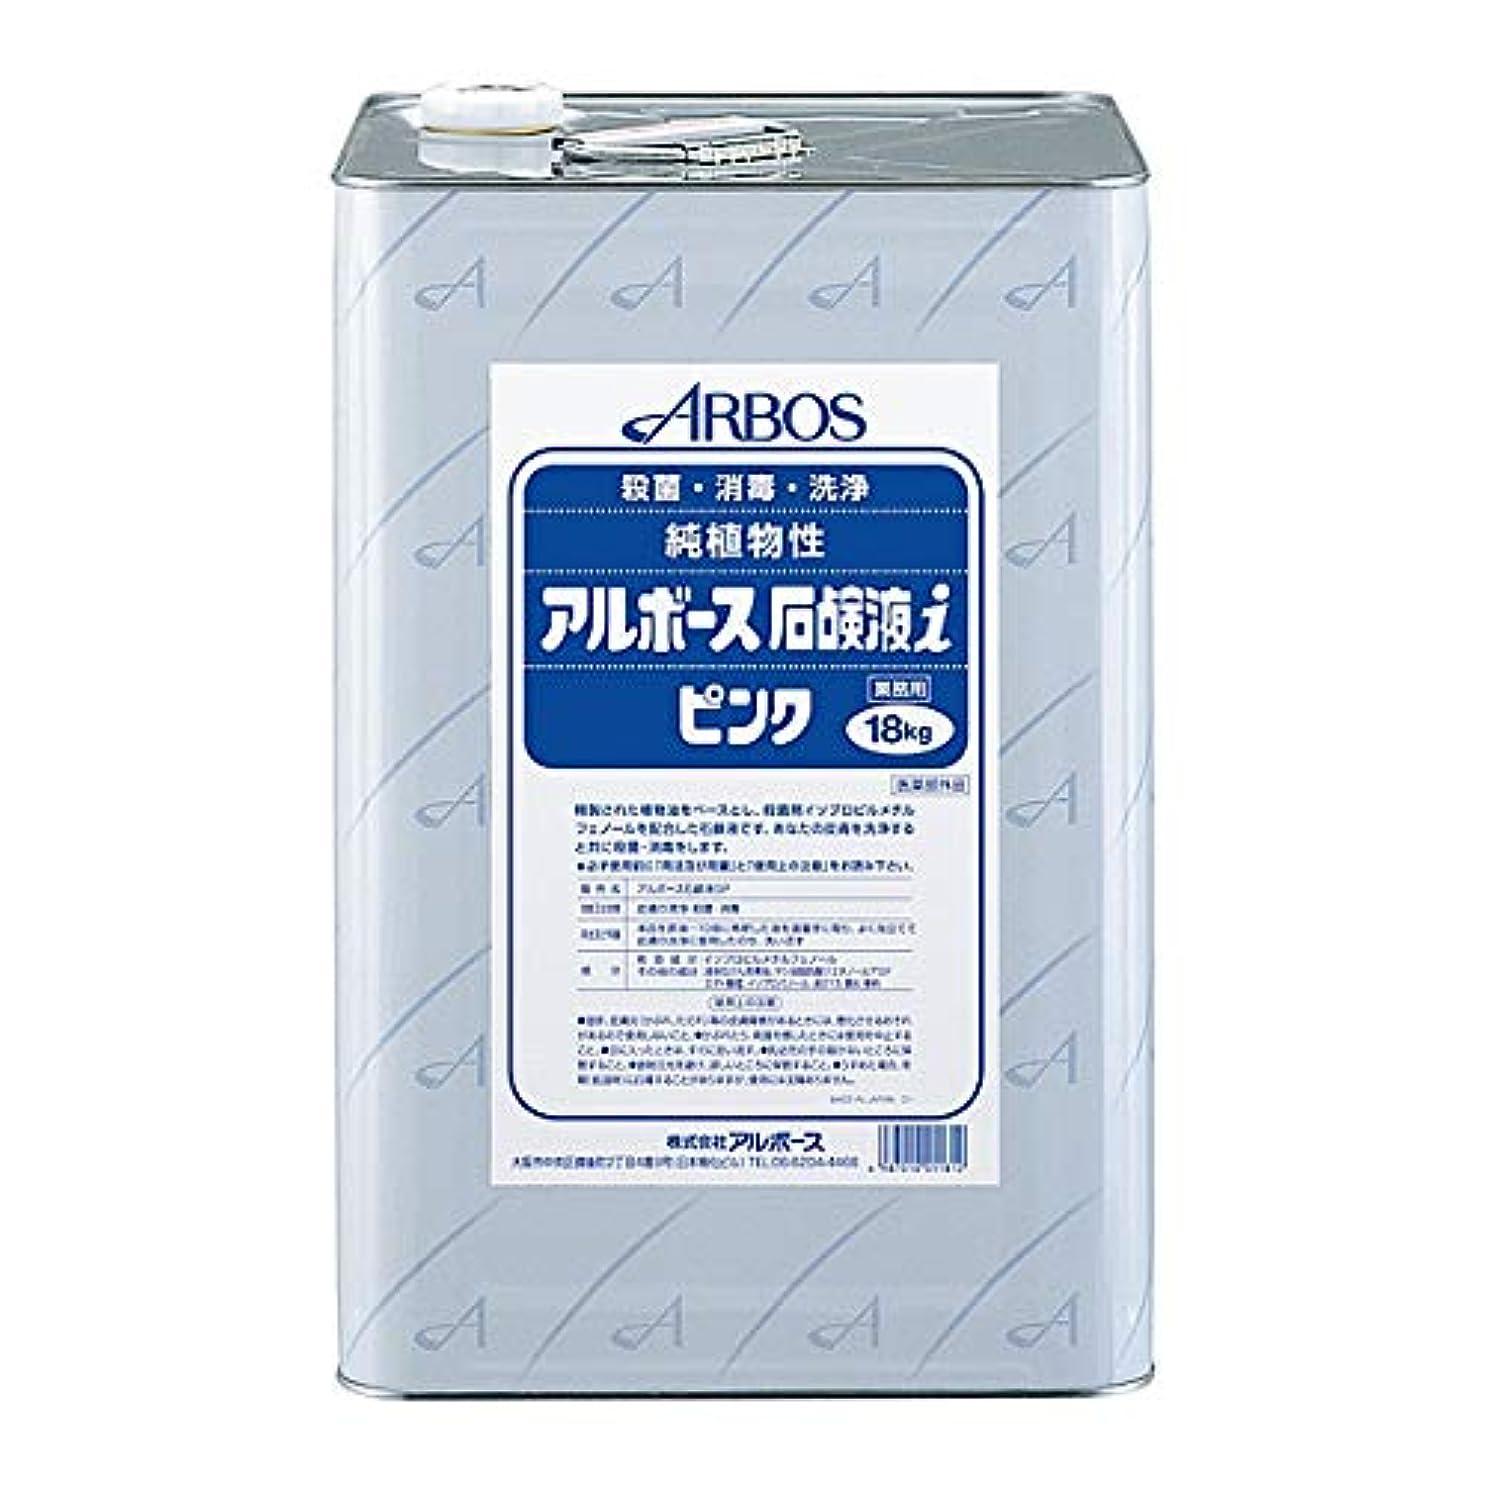 炎上うなずく毒液【清潔キレイ館】アルボース石鹸液i ピンク(18L)+つめブラシ1個 オマケ付